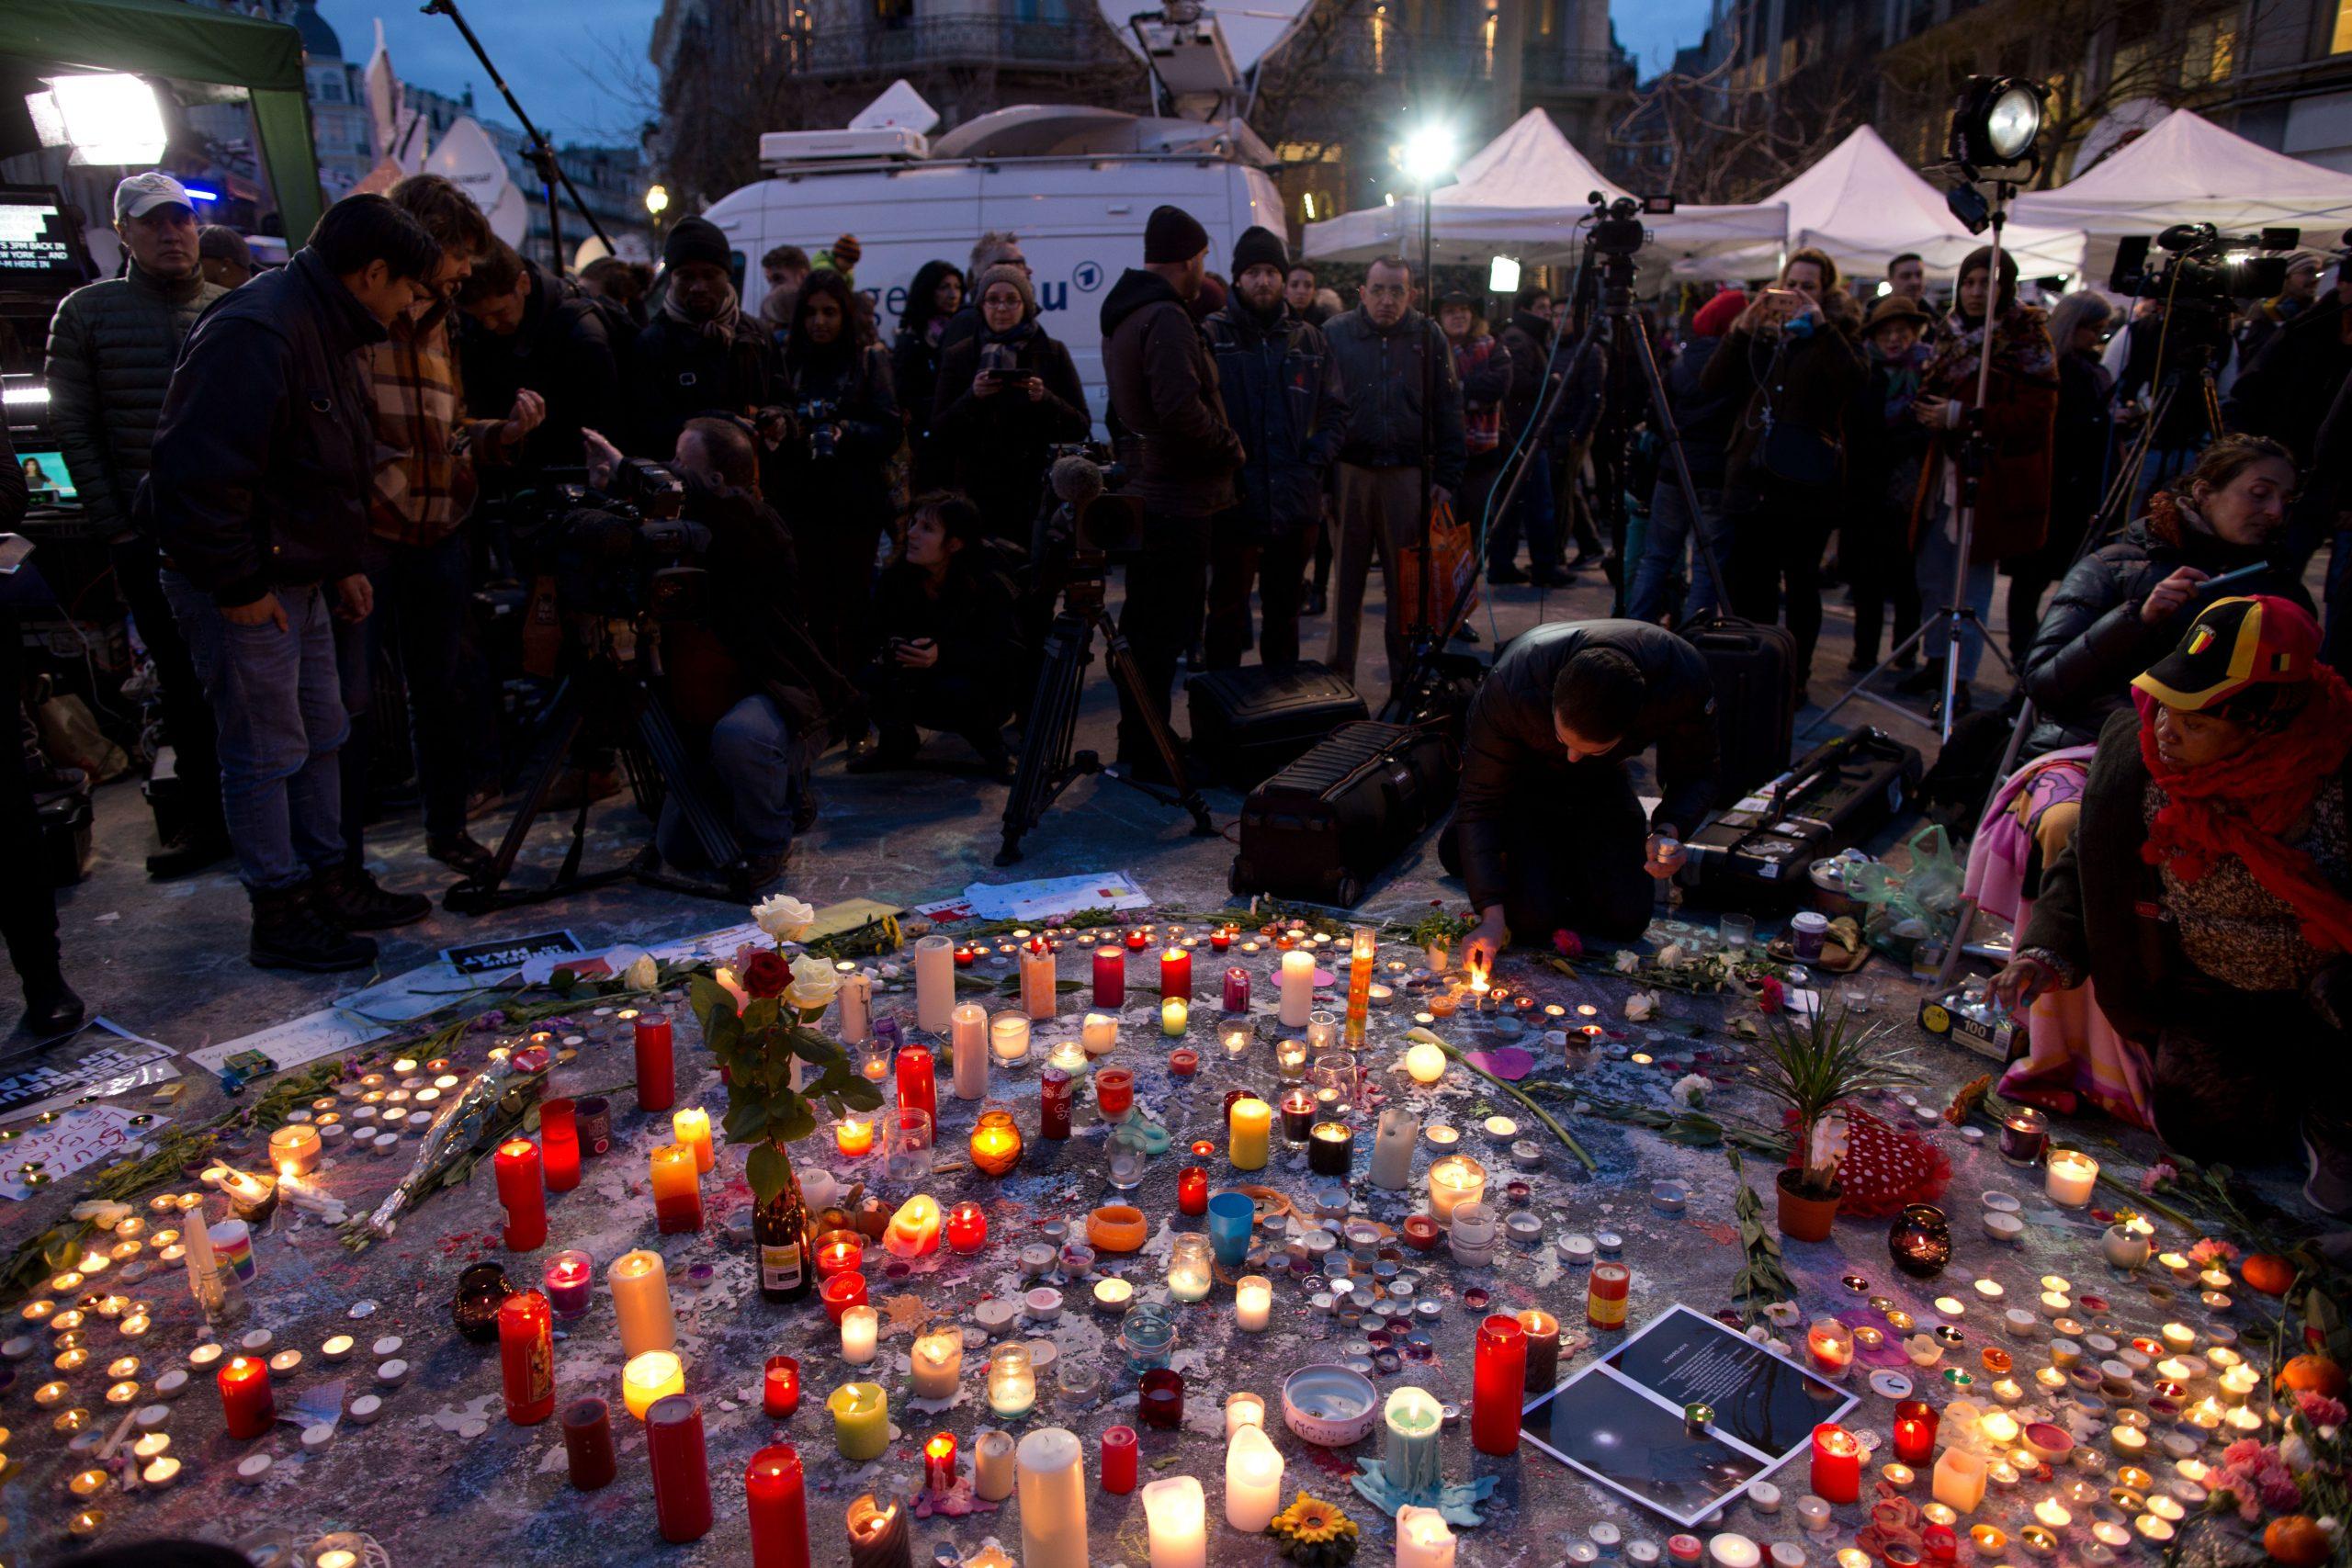 Attentats du 22 mars – Soutenir les victimes, lutter contre le radicalisme